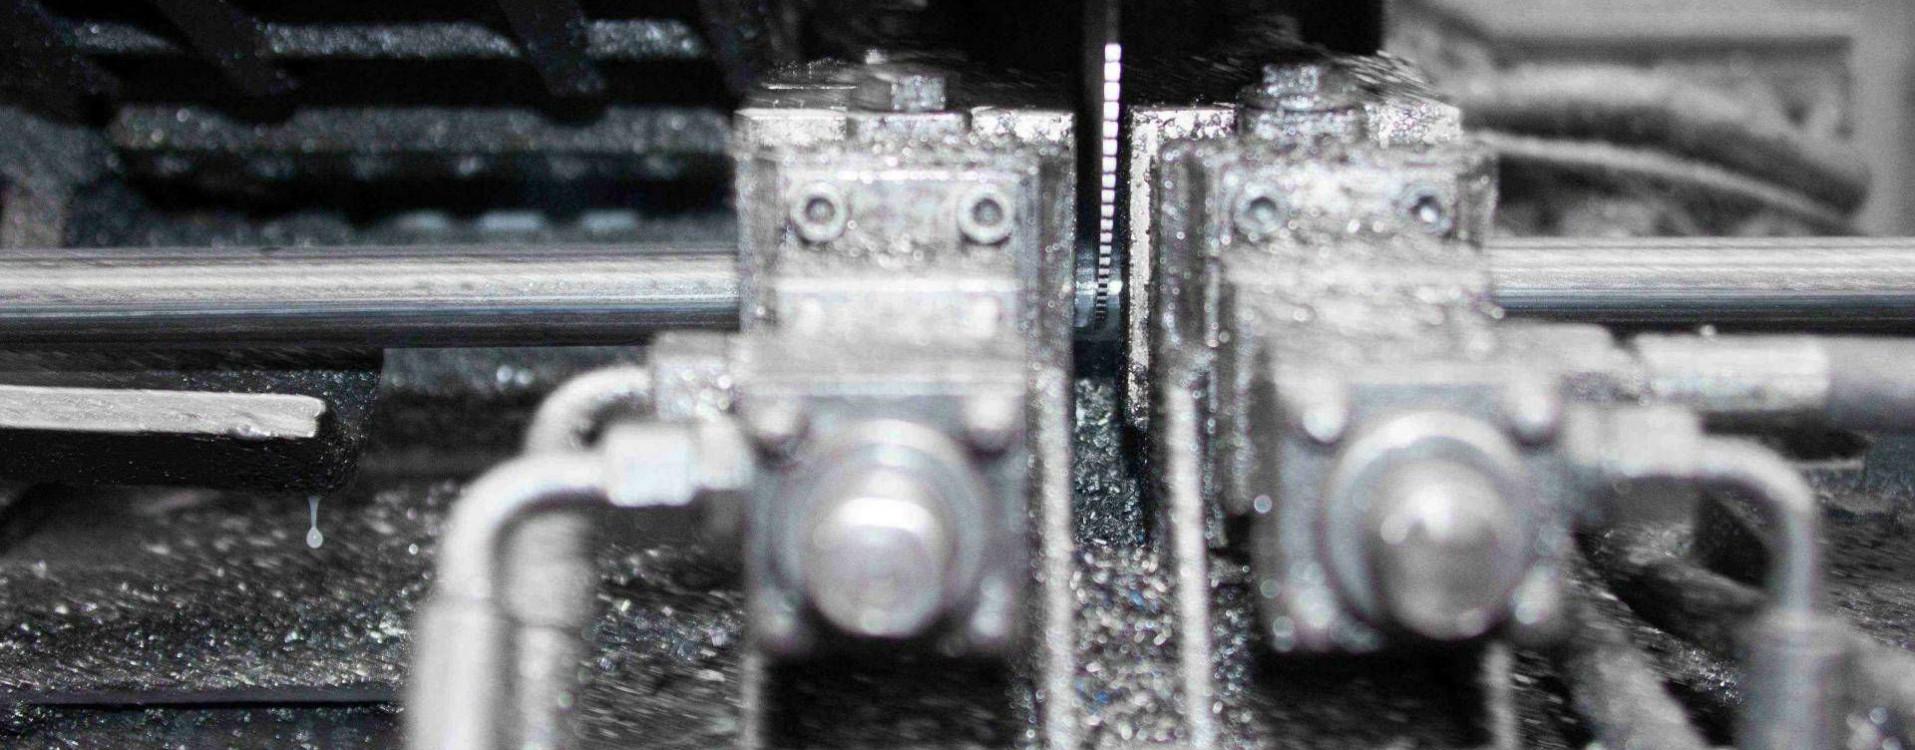 Finiture tubi in acciaio: lunghezze e taglio a misura